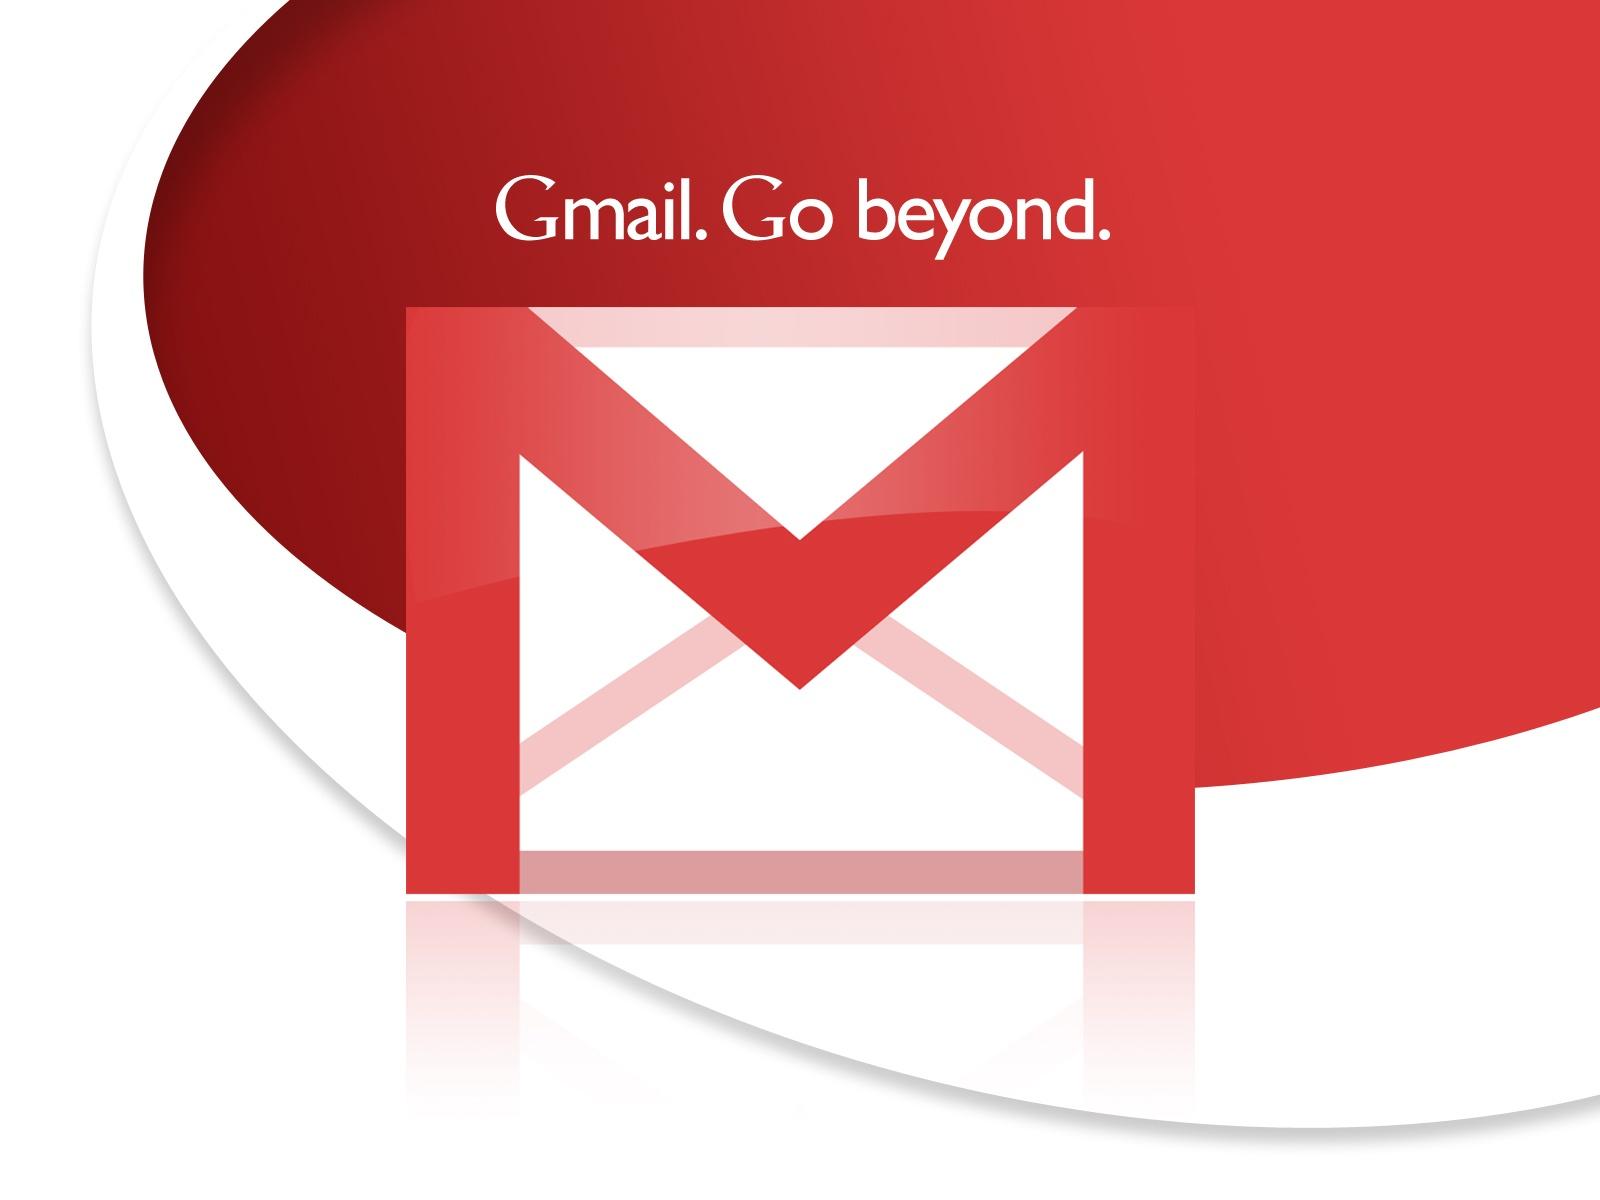 nouvelle version de Gmail